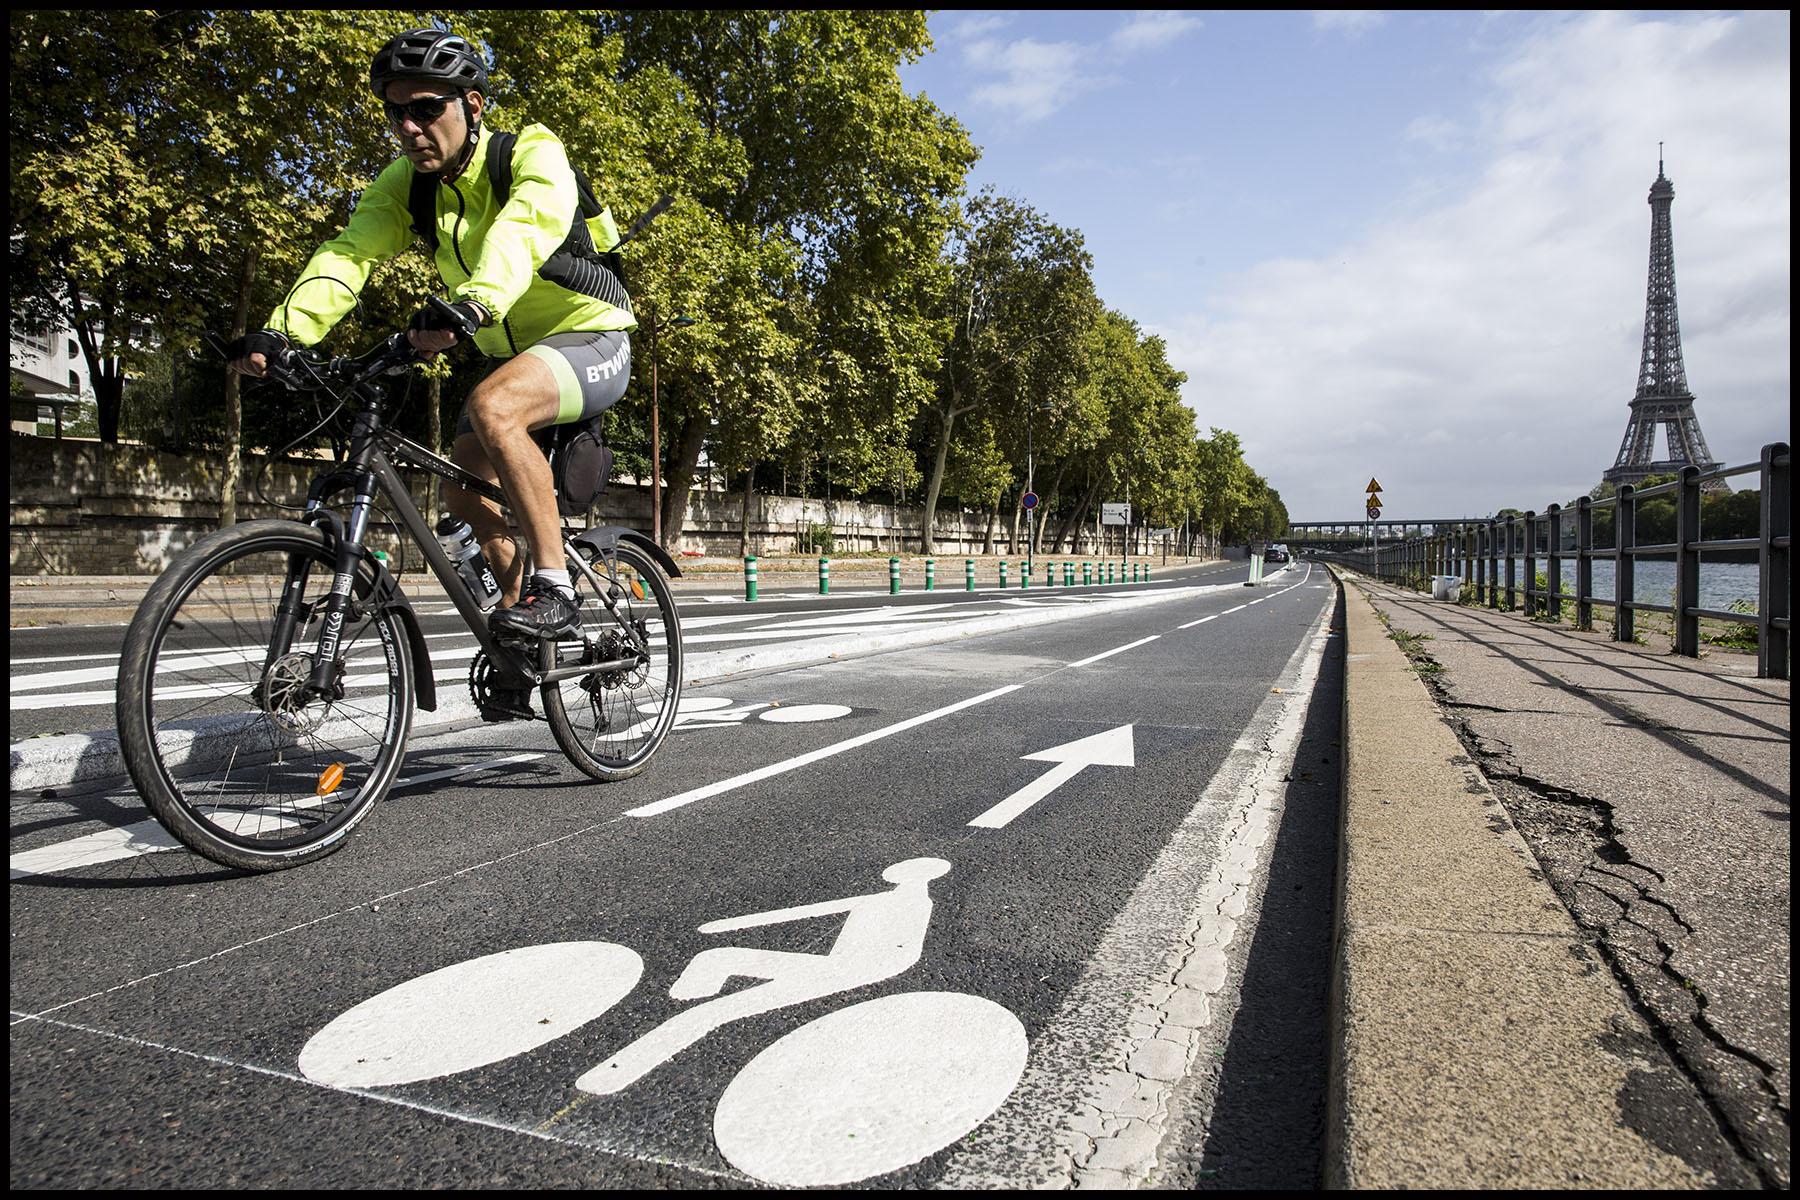 La circulation en vélo à Paris facilitée par la construction de nombreuses pistes cyclables.